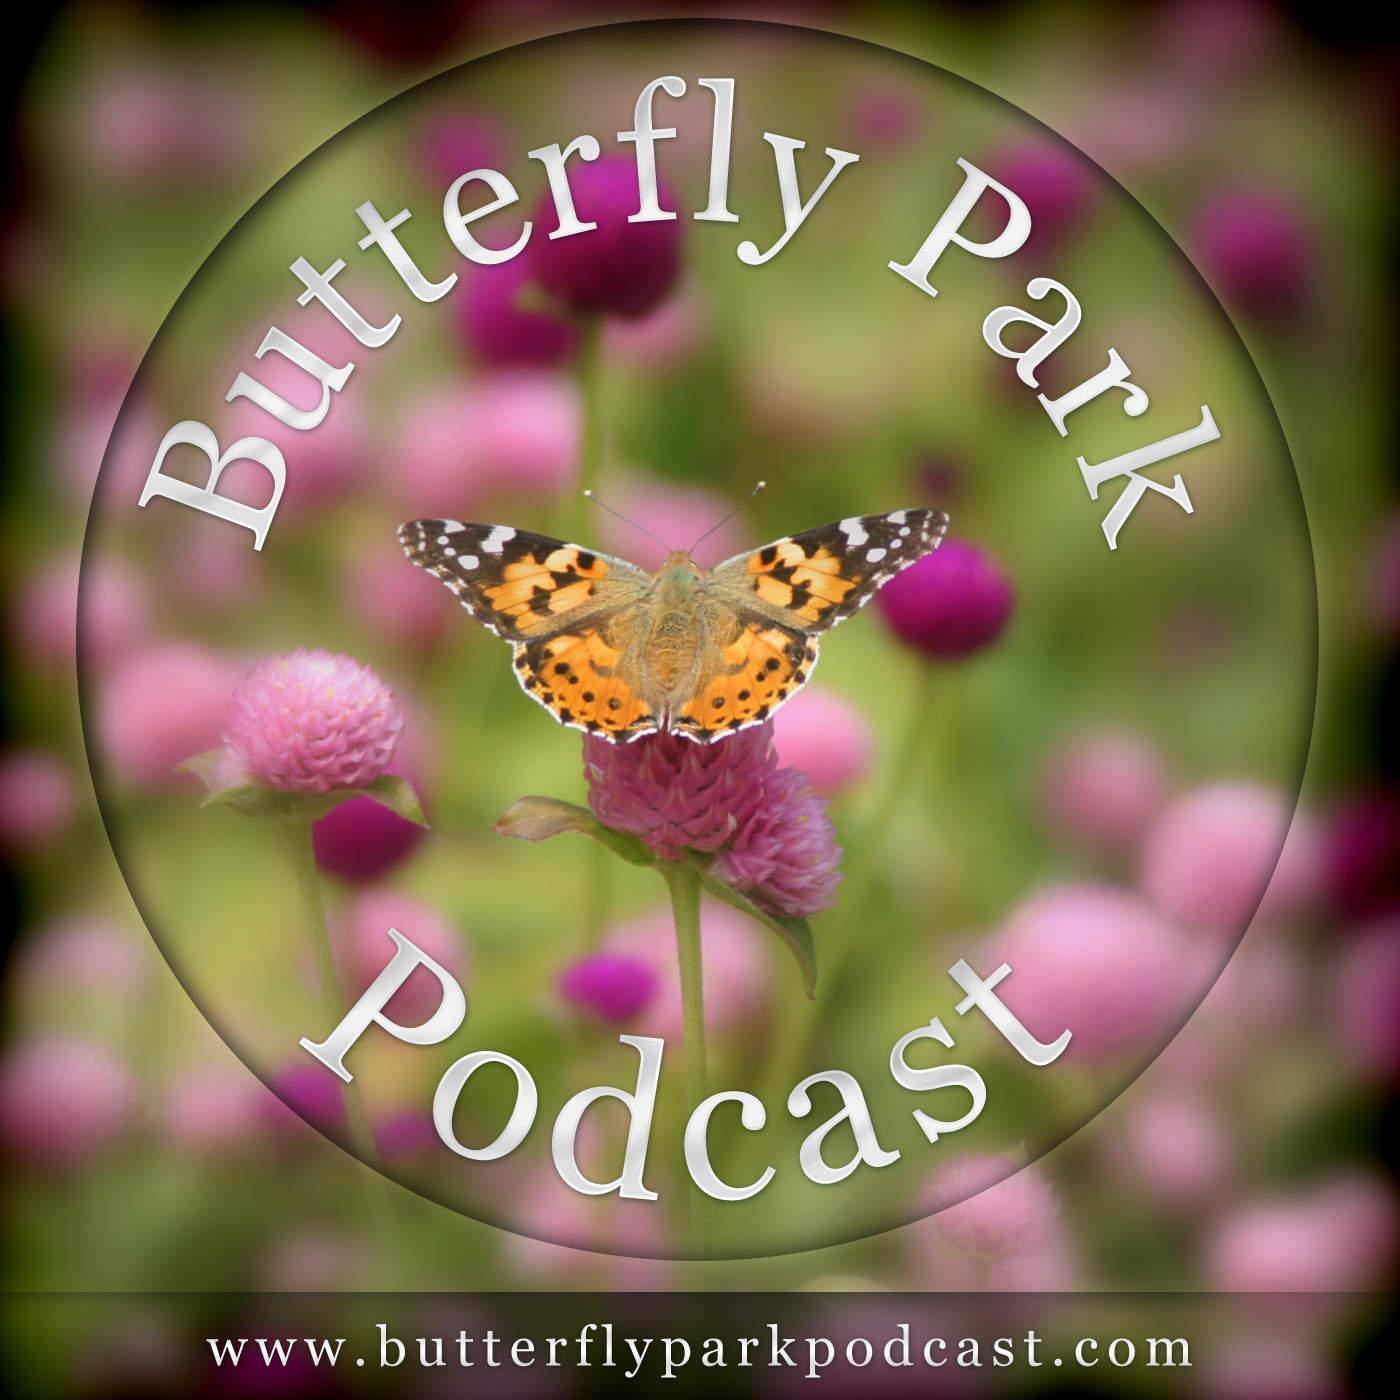 Butterfly Park Podcast